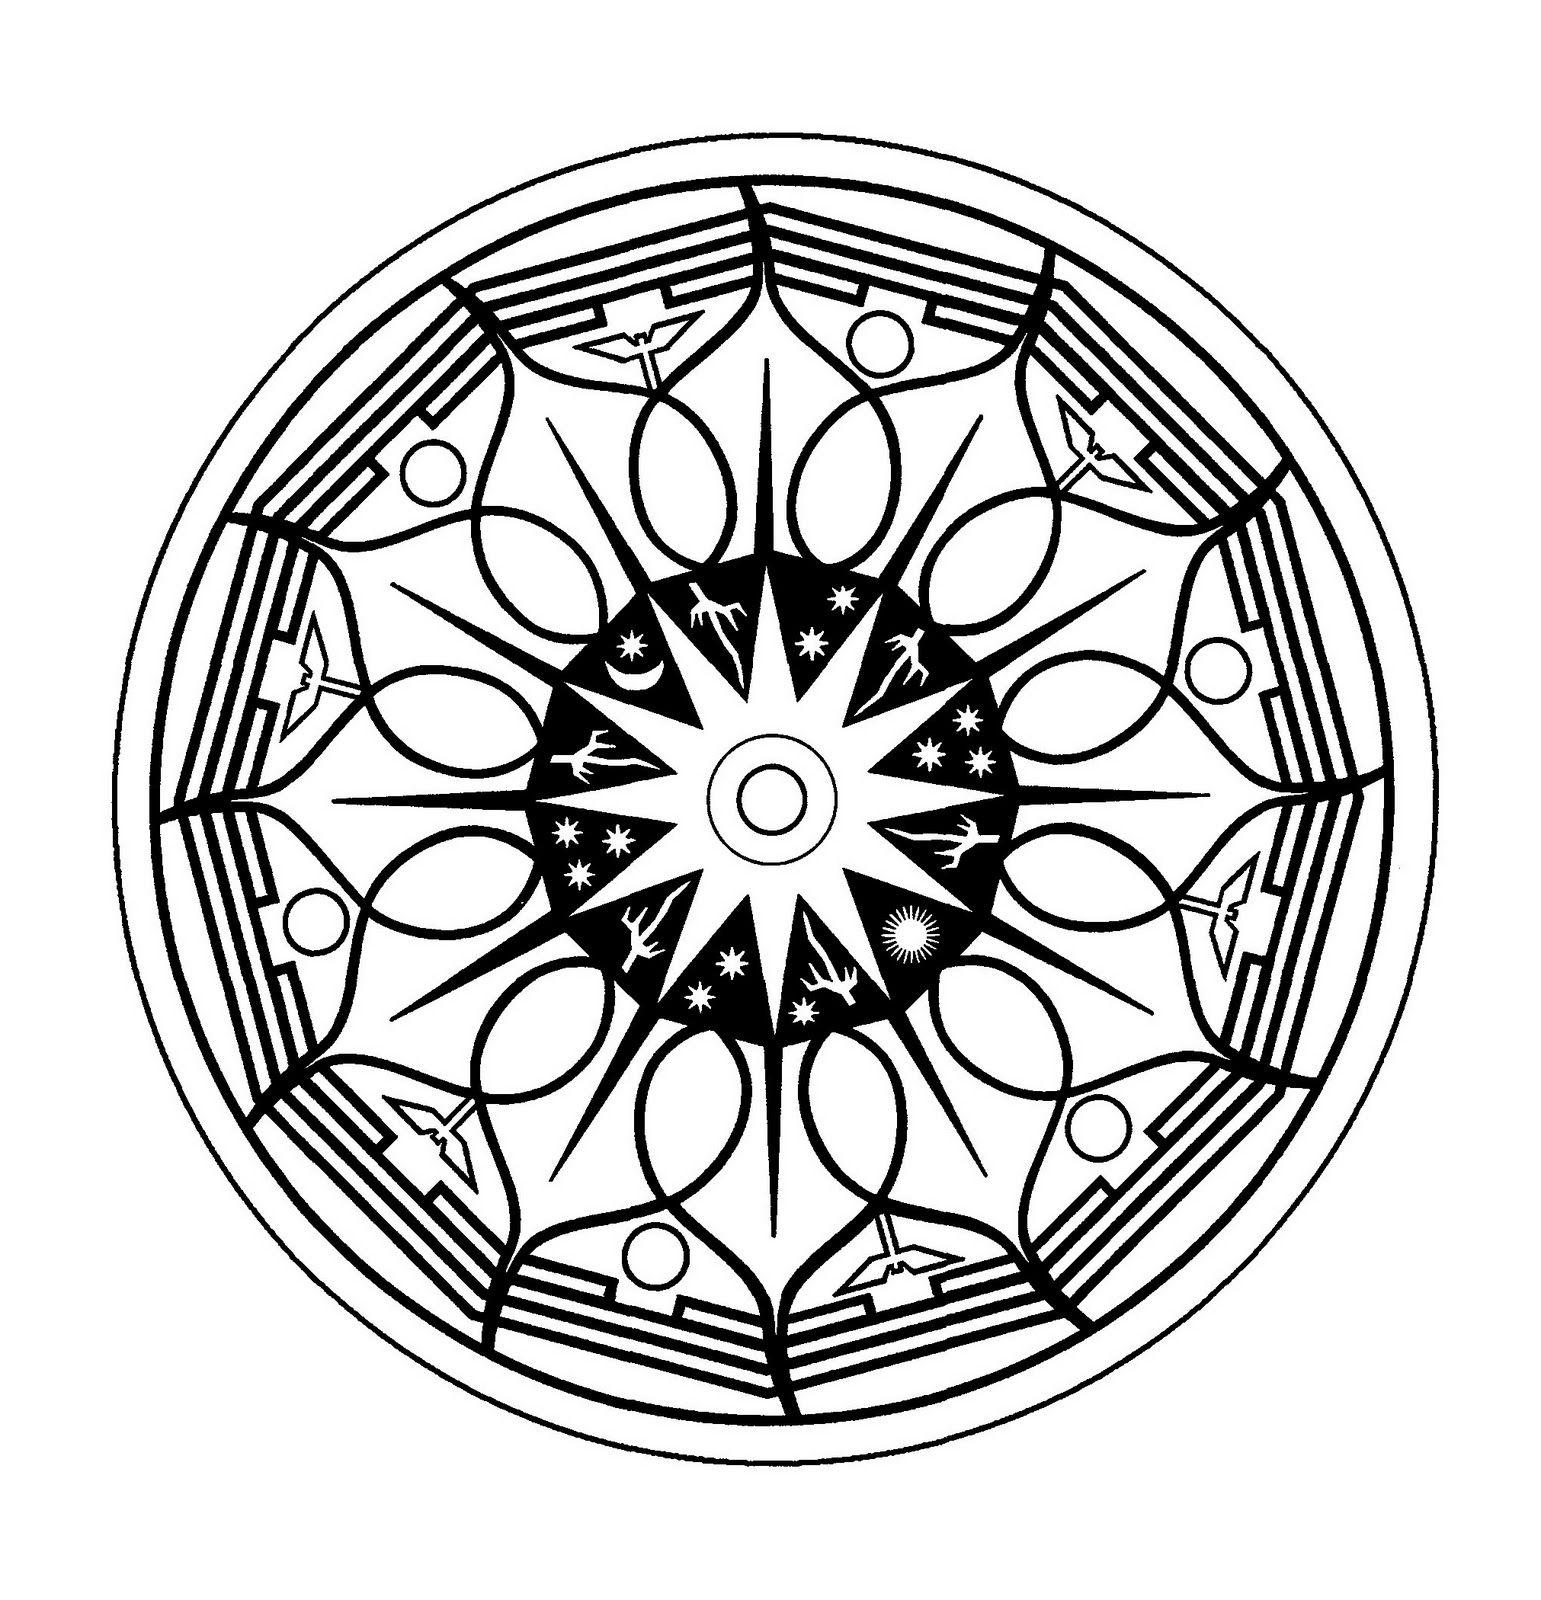 Mandalas Para Pintar: mandalas pintados | mandalas | Pinterest ...